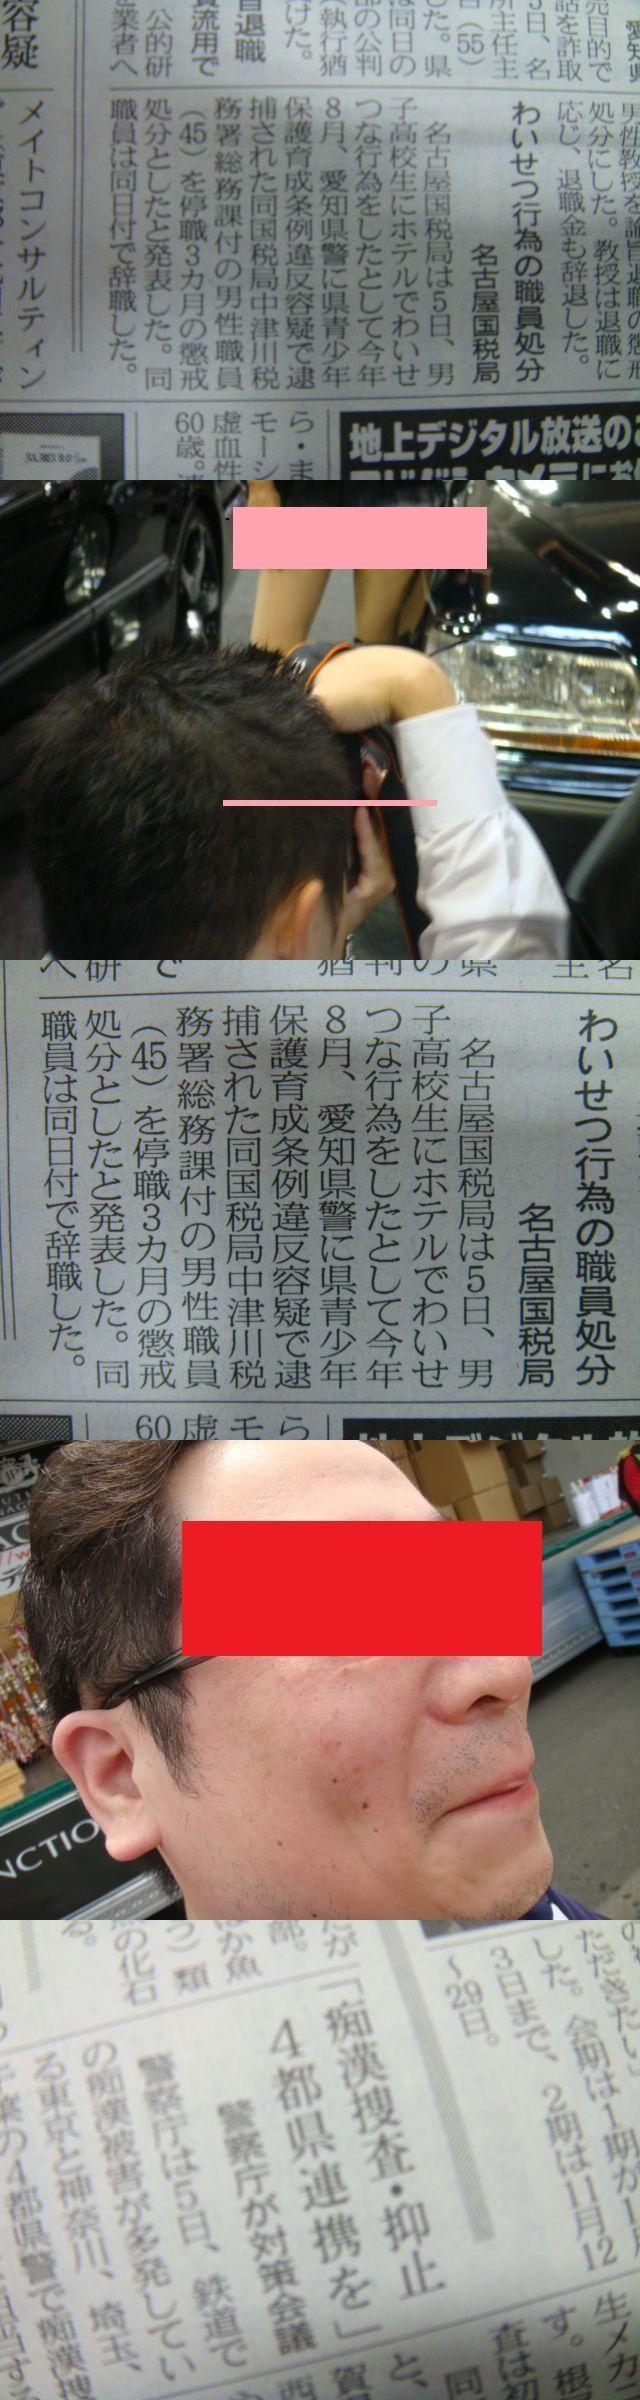 日本一の車屋!スターフェイスグループ 広報ブログ 46e93ebb77b